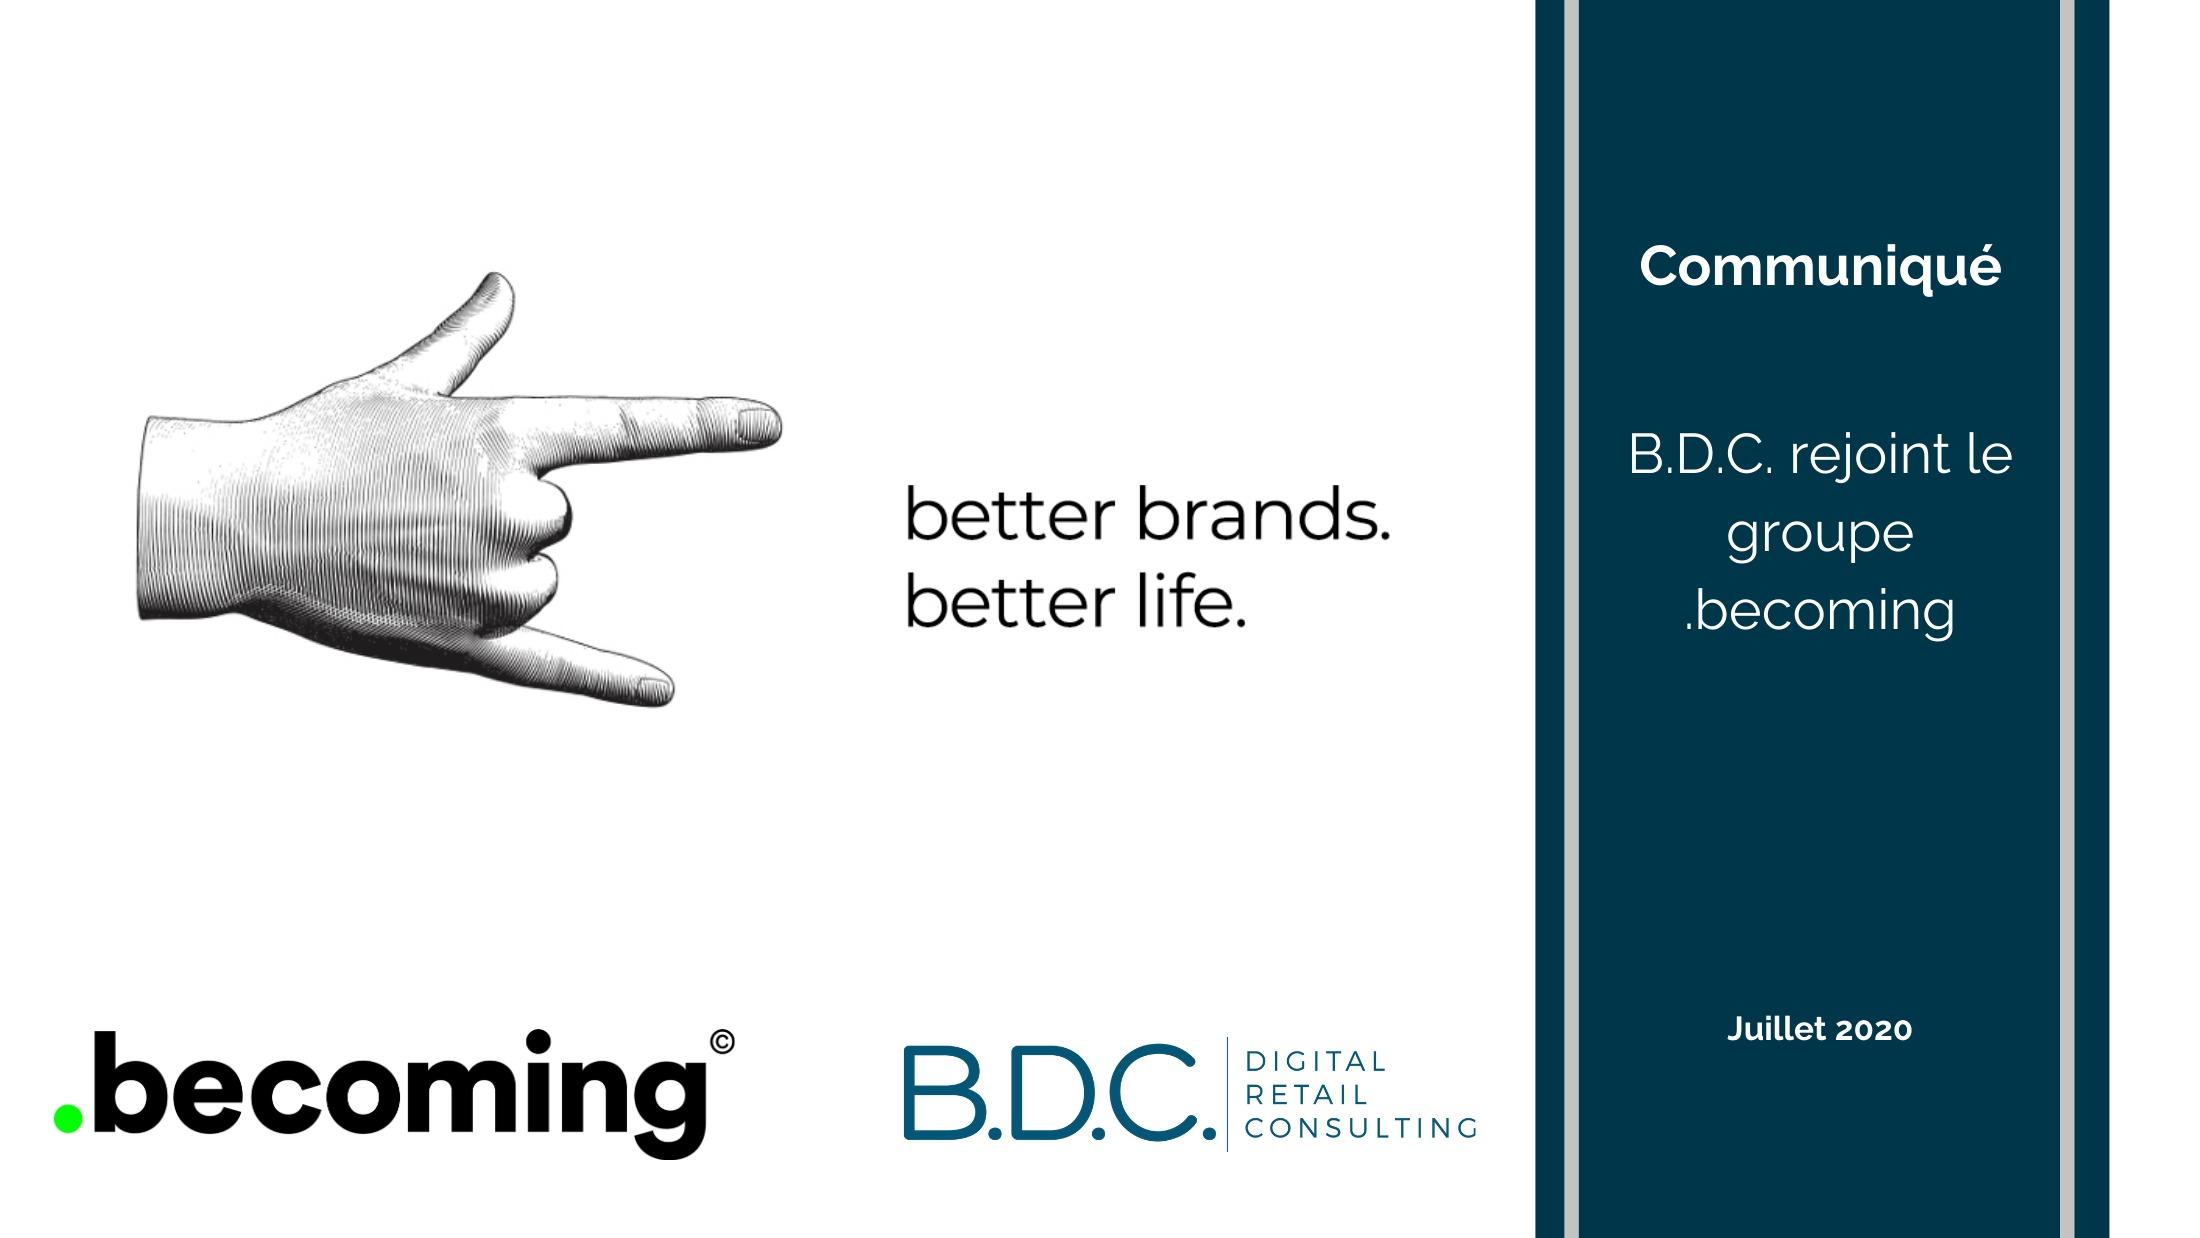 Expérience client 2 - B.D.C. rejoint le groupe .becoming !